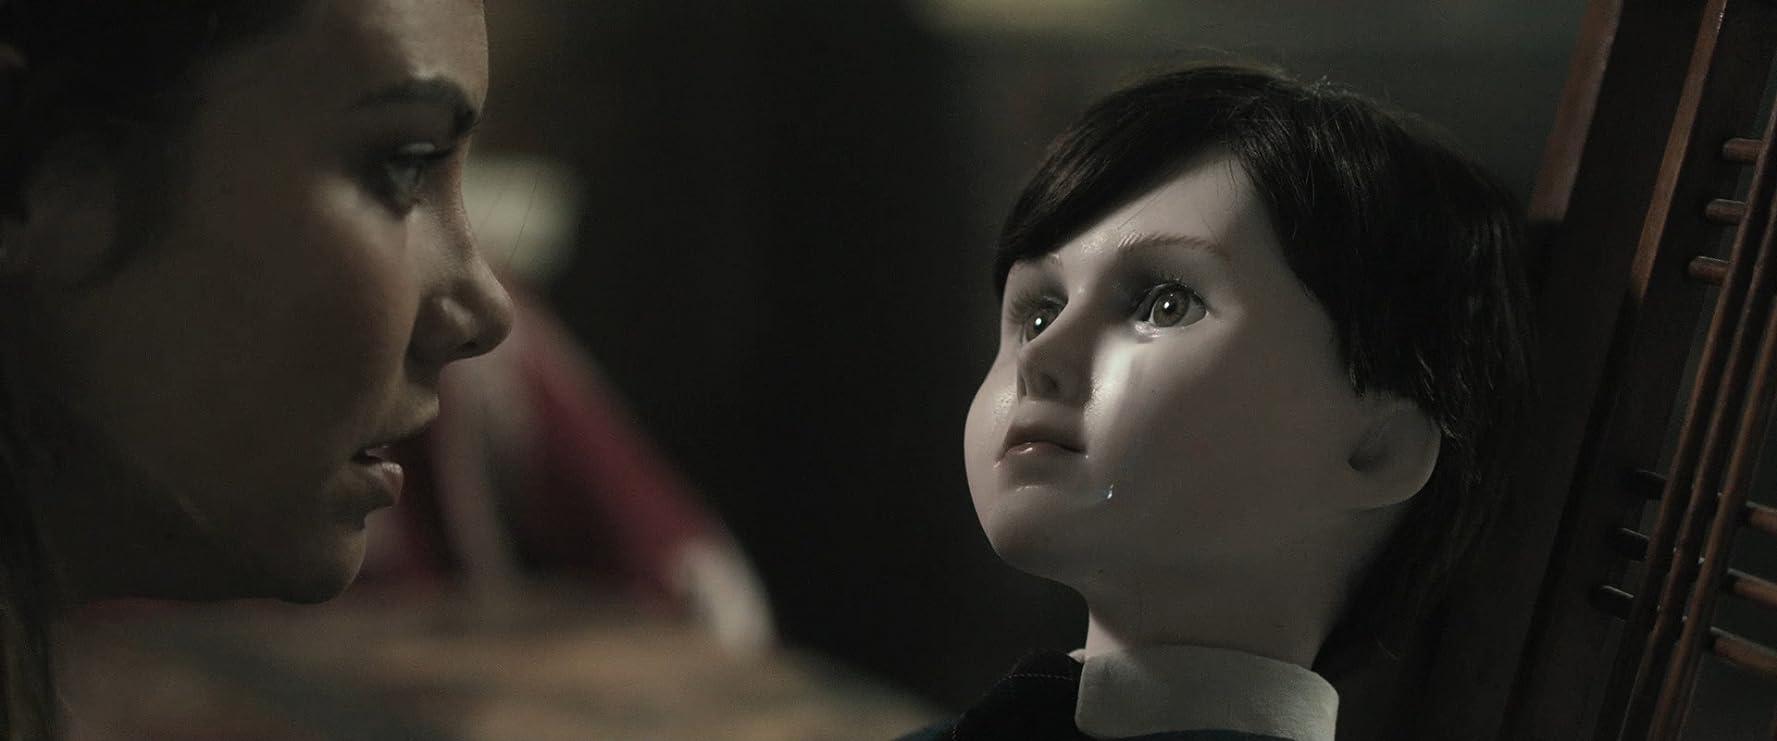 The Boy - Van horror bij Videoland kan het alle kanten op gaan van klassieker tot griezelige poppen